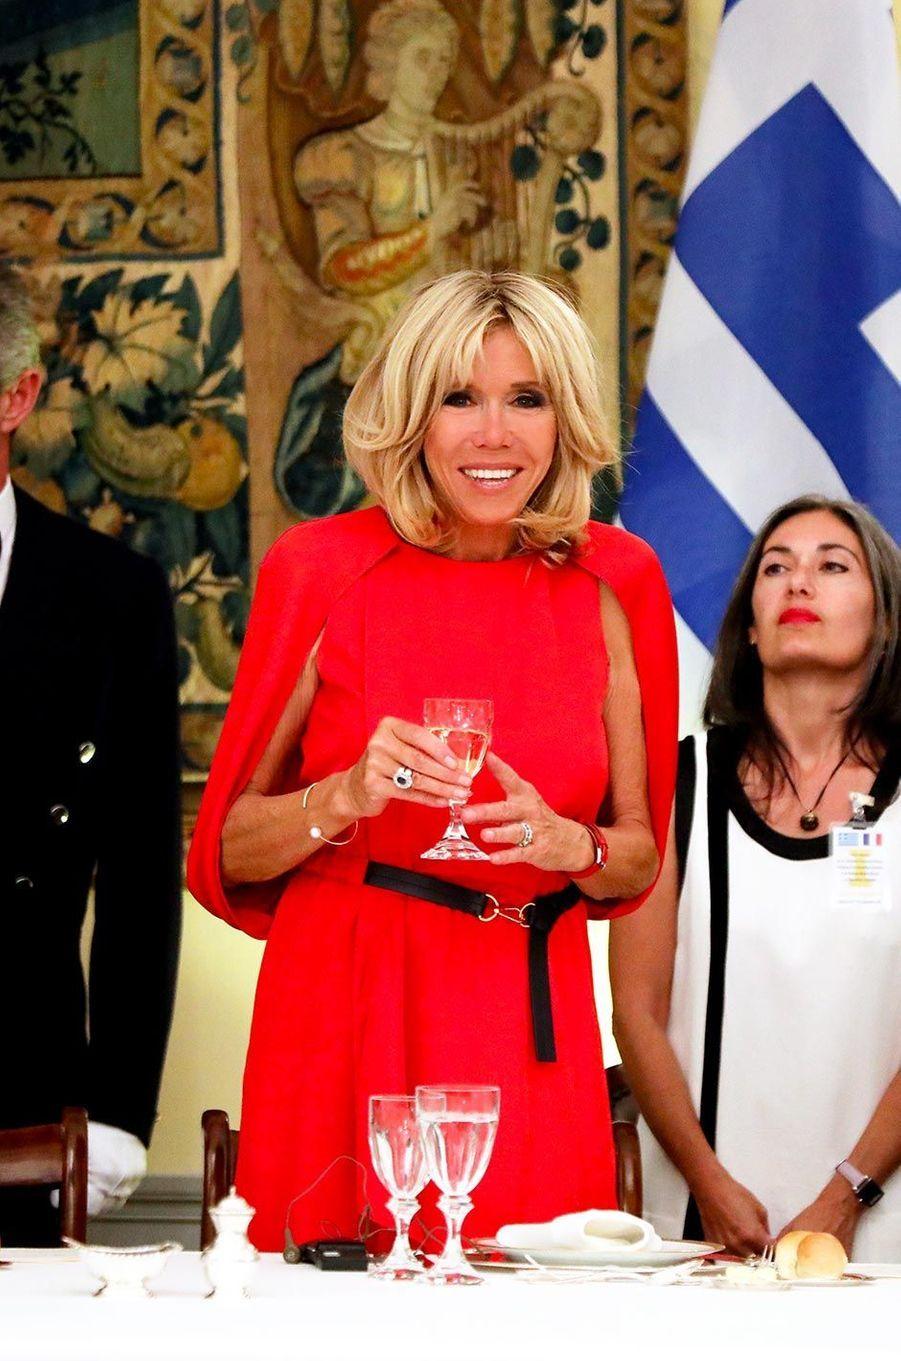 Grâce à sa légèreté décomplexée, Brigitte Macron a mis la soixantaine à la mode. Fine et musclée, elle sait que les robes courtes la mettent en valeur. Peu importent les commentaires outrés sur l'ourlet au-dessus du genou ! A côté d'une Melania Trump crispée, Brigitte honore la réputation française. Lignes sobres, couleurs vives, elle ne fait aucun faux pas, toujours juchée sur ses escarpins. Même en jean. Et en fonction des voyages, elle s'adapte, comme en Chine où on la voit porter col Mao et pans fendus. Mais c'est son sourire qu'on préfère.